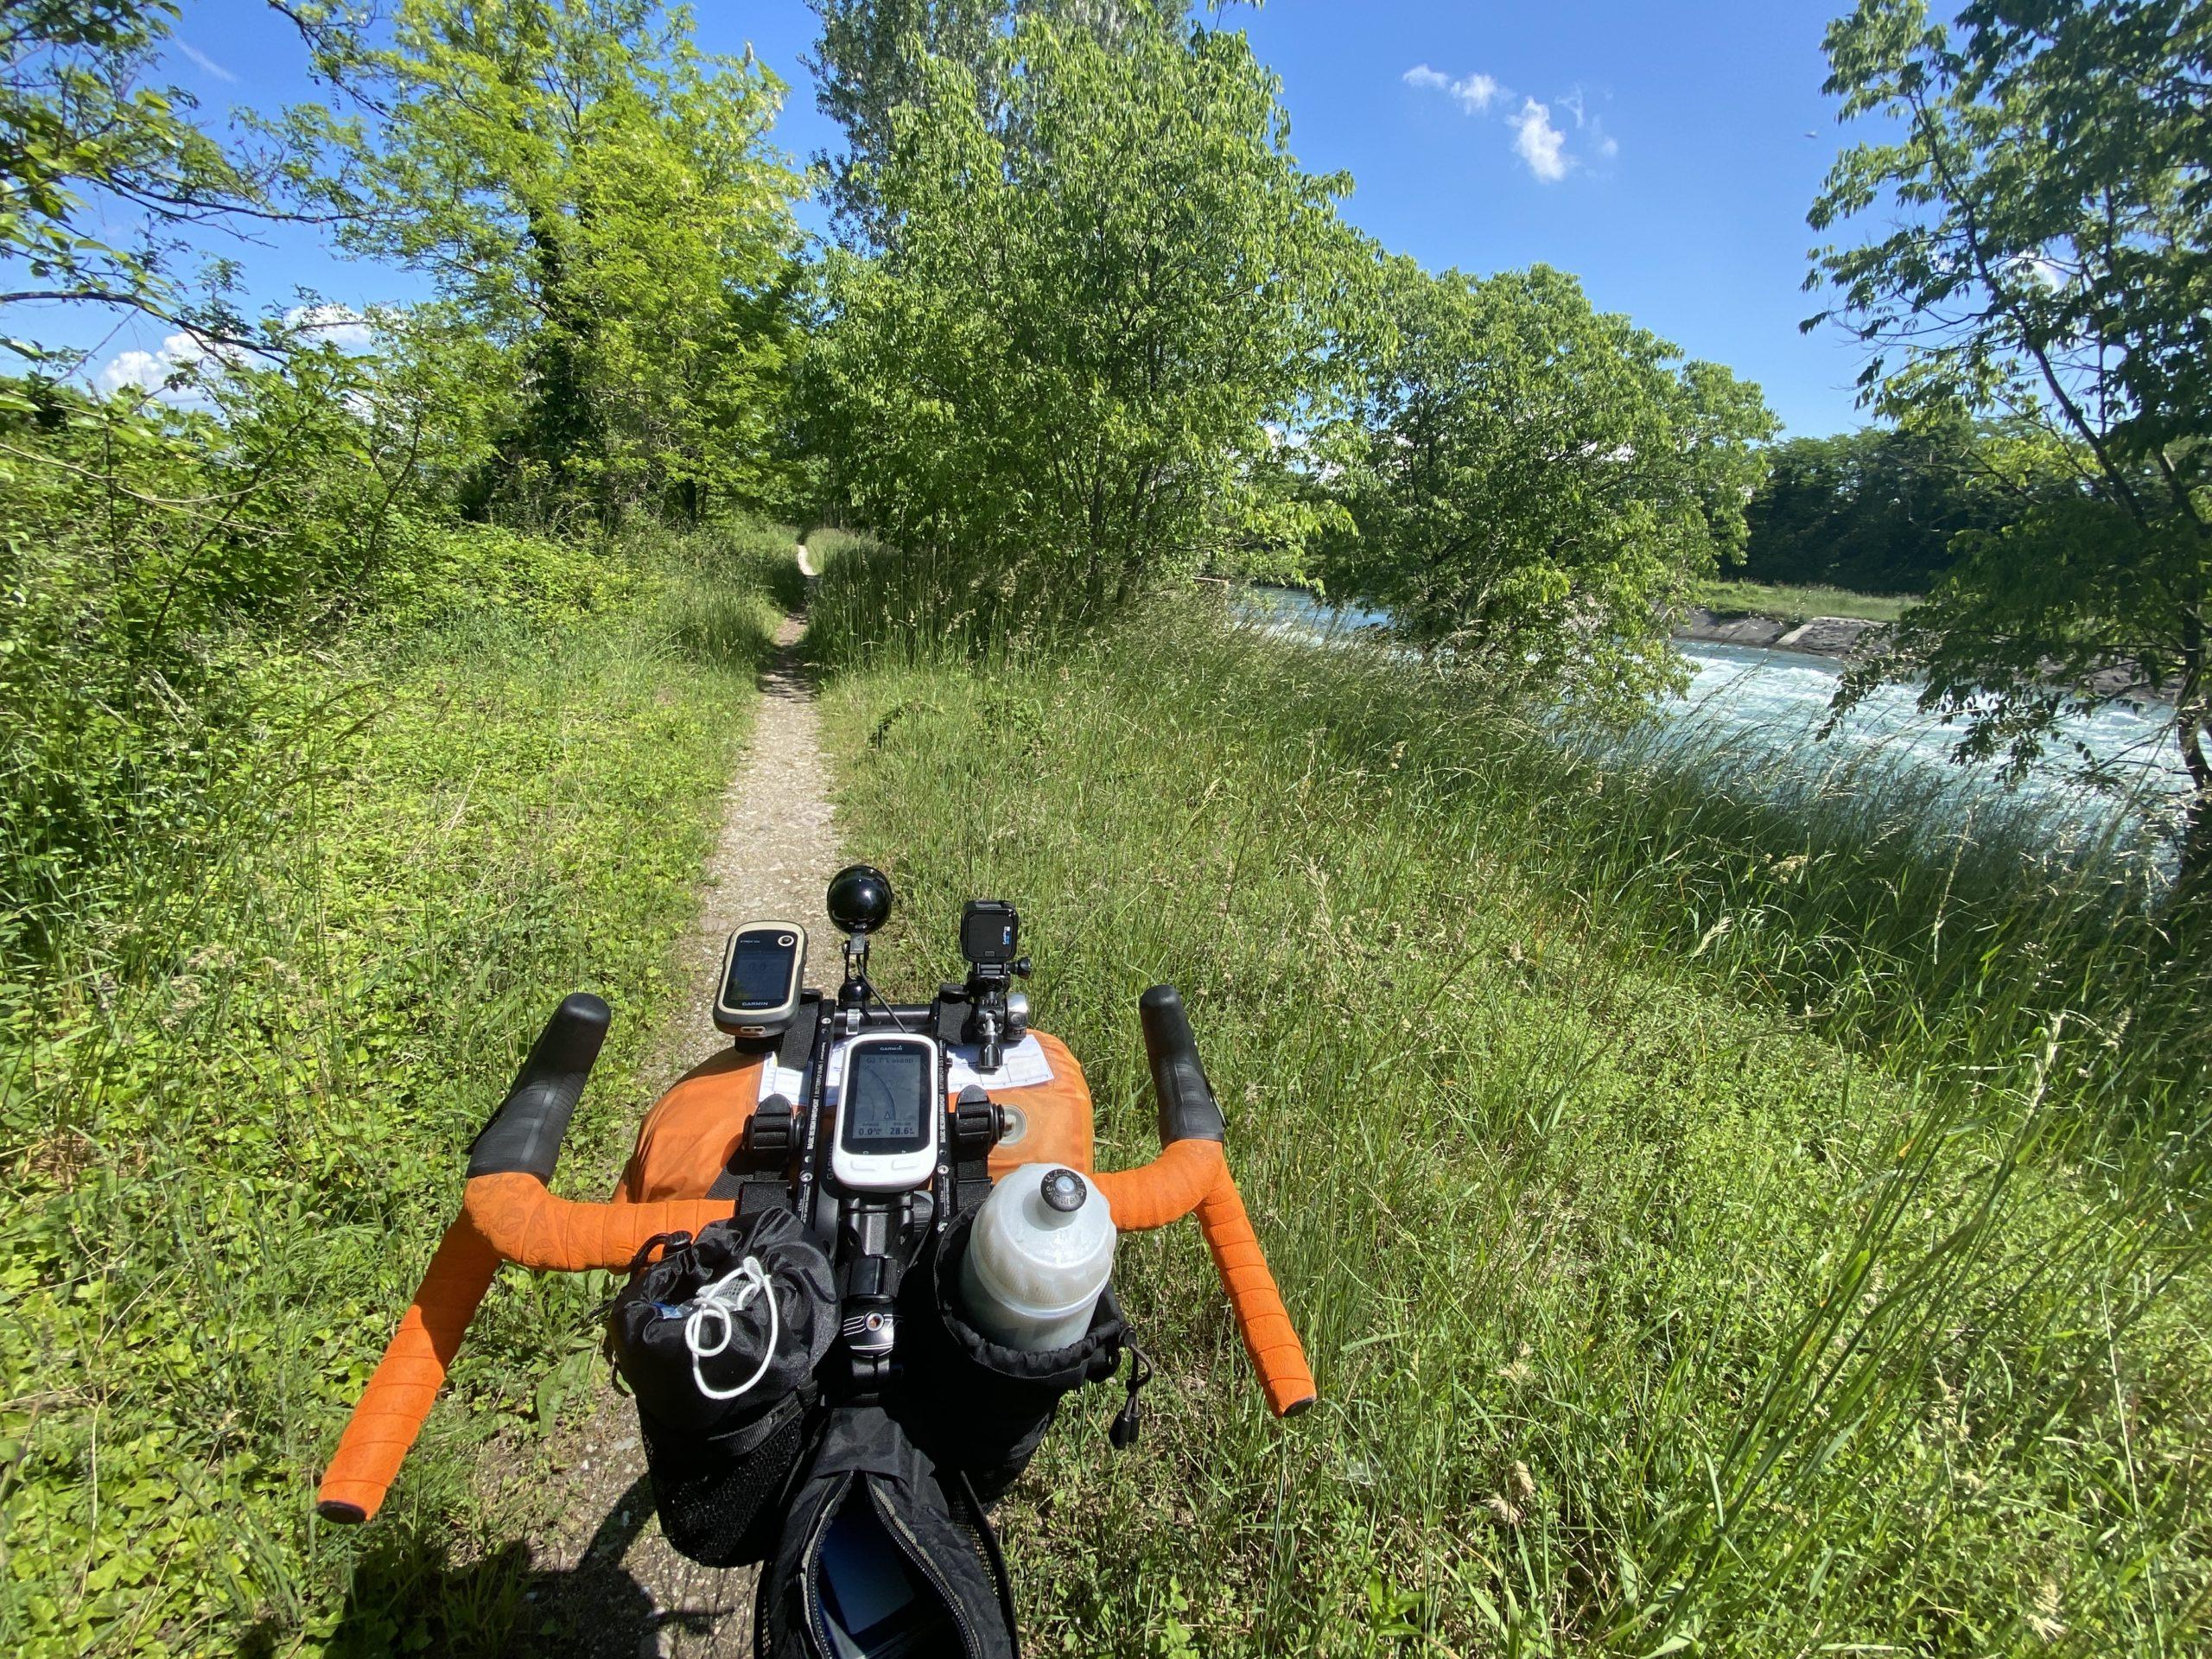 la lunga via dei fiumi, viaggiatore lento, viaggiare in bici, verona in bicicletta, ciclabile dell'adige, ciclovia del sole, eurovelo 7, lago di garda in bici, viaggiare in bicicletta, vacanze in bicicletta, bikepacking, trentino in bici, il veneto,